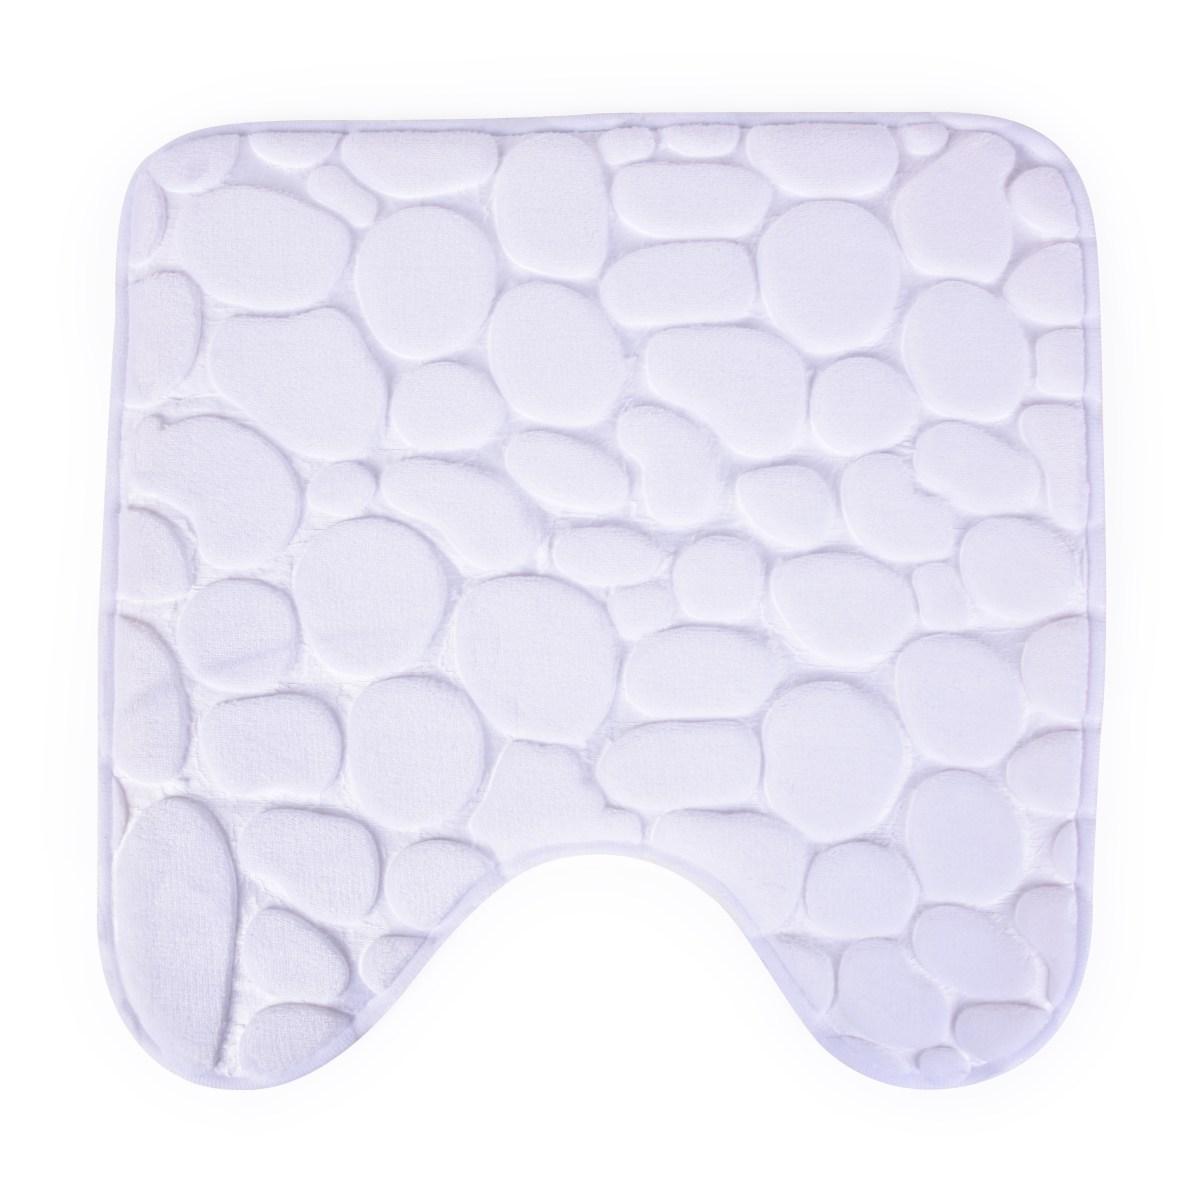 WC predložka 45x45 cm - biela